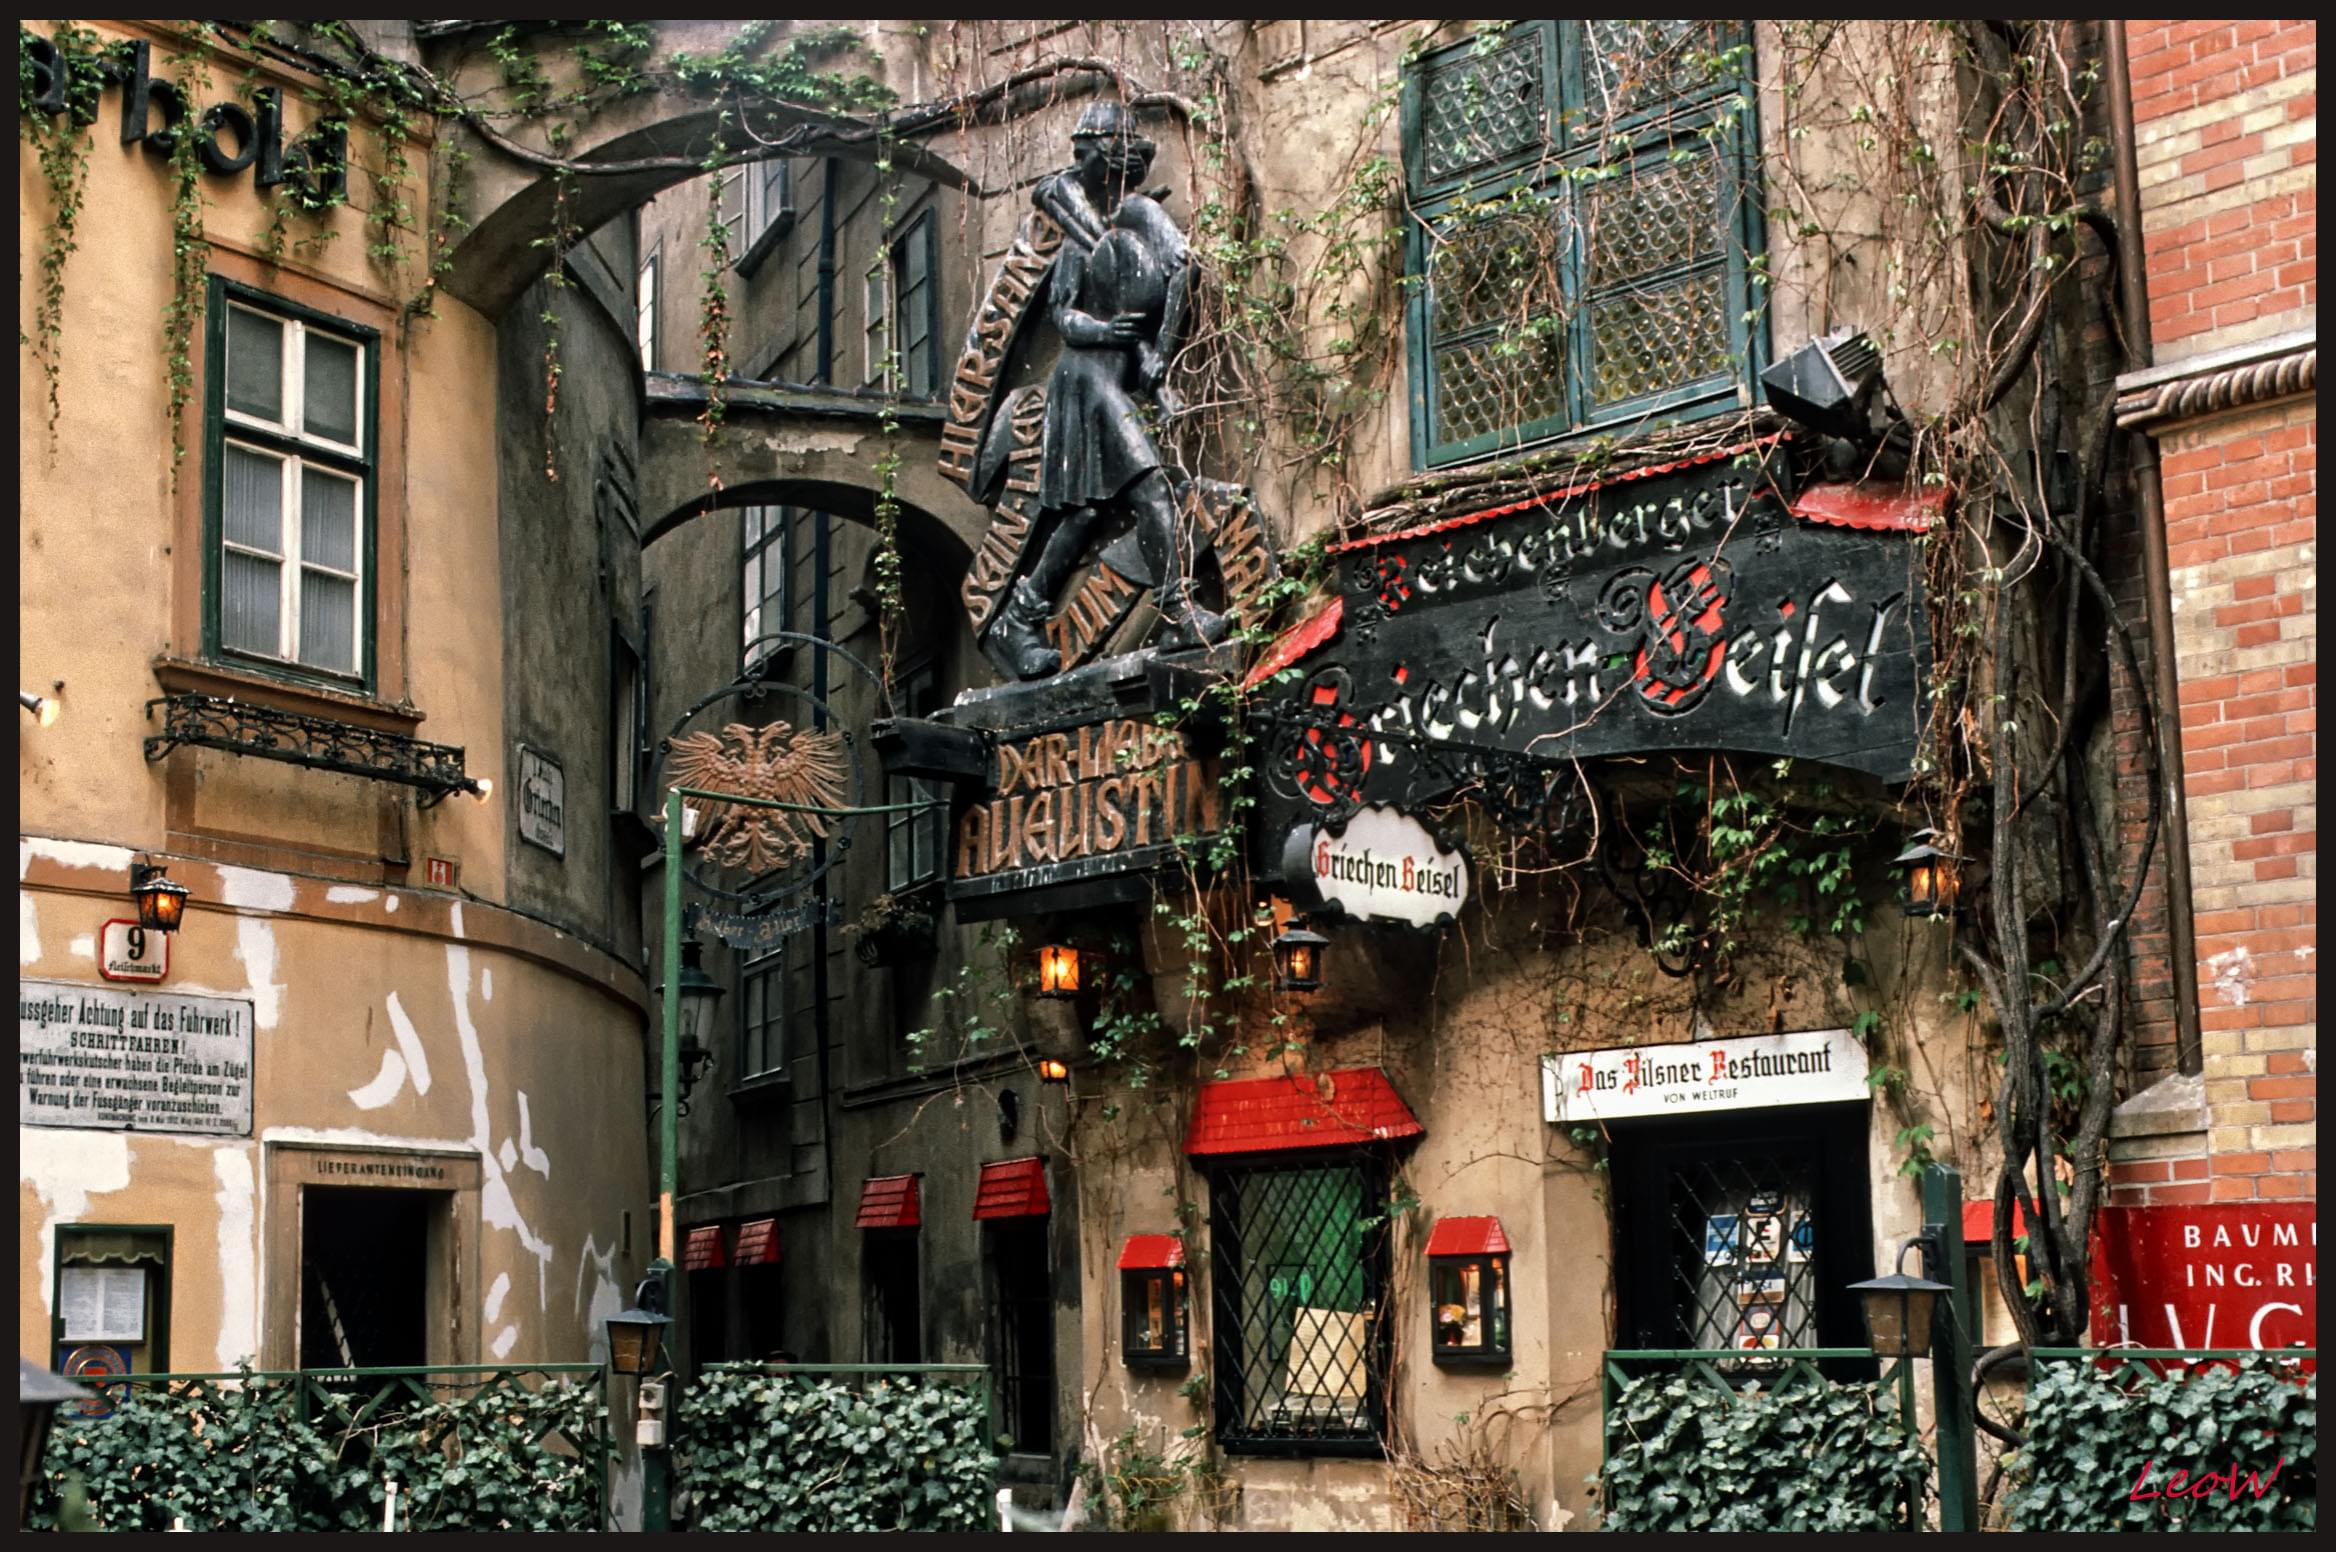 オーストリア・ウィーンでレストラン選び!伝統料理を気軽に食べられるバイスルへ行ってみよう!